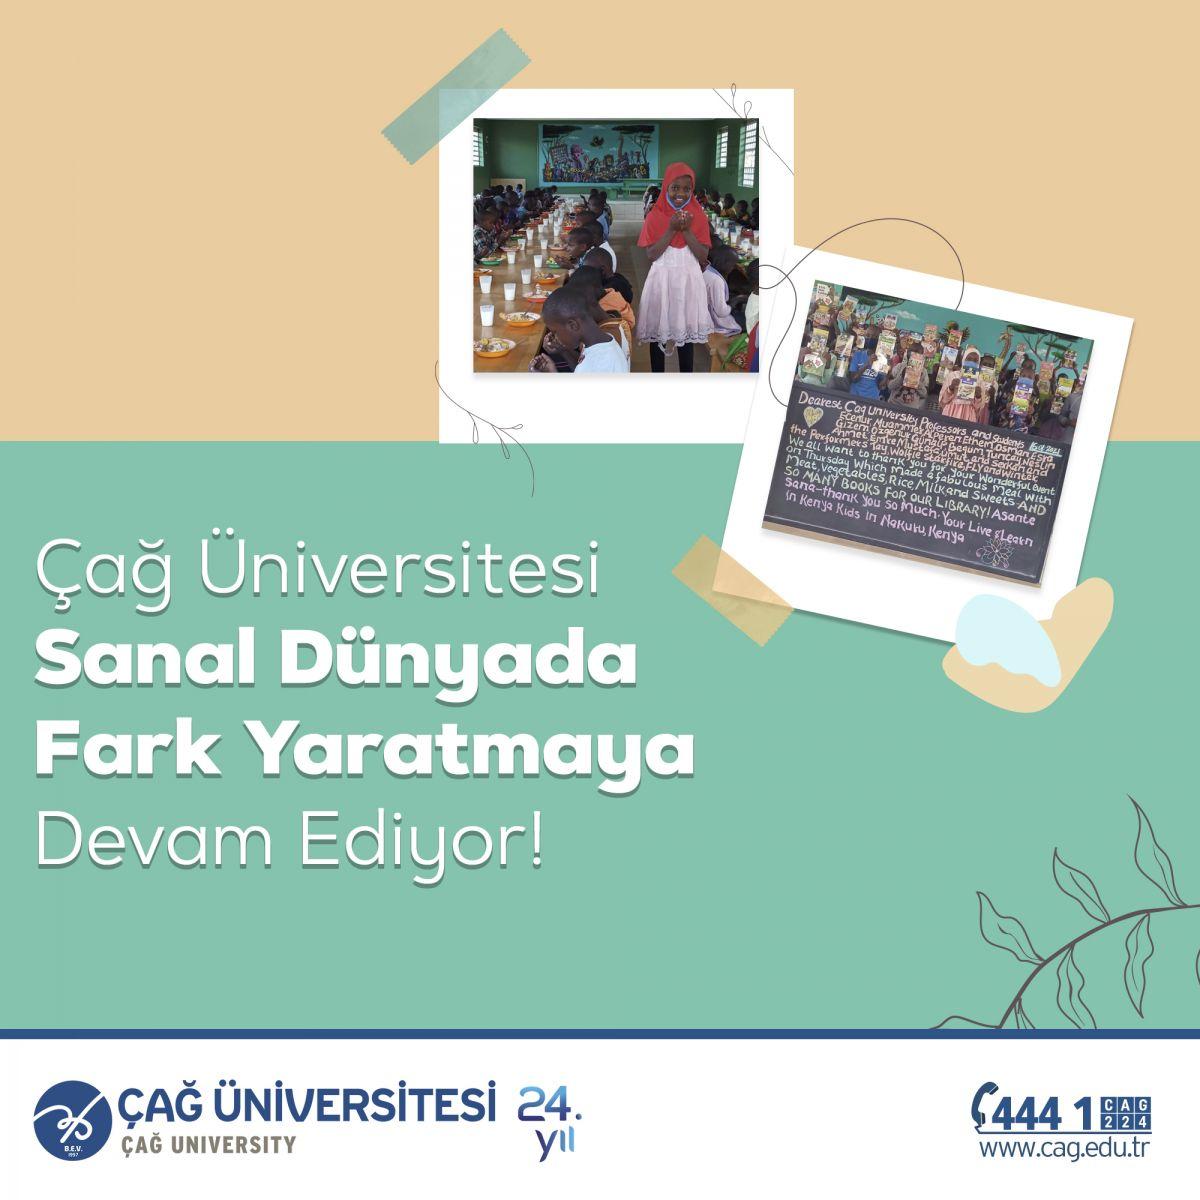 Çağ Üniversitesi Sanal Dünyada Fark Yaratmaya Devam Ediyor!